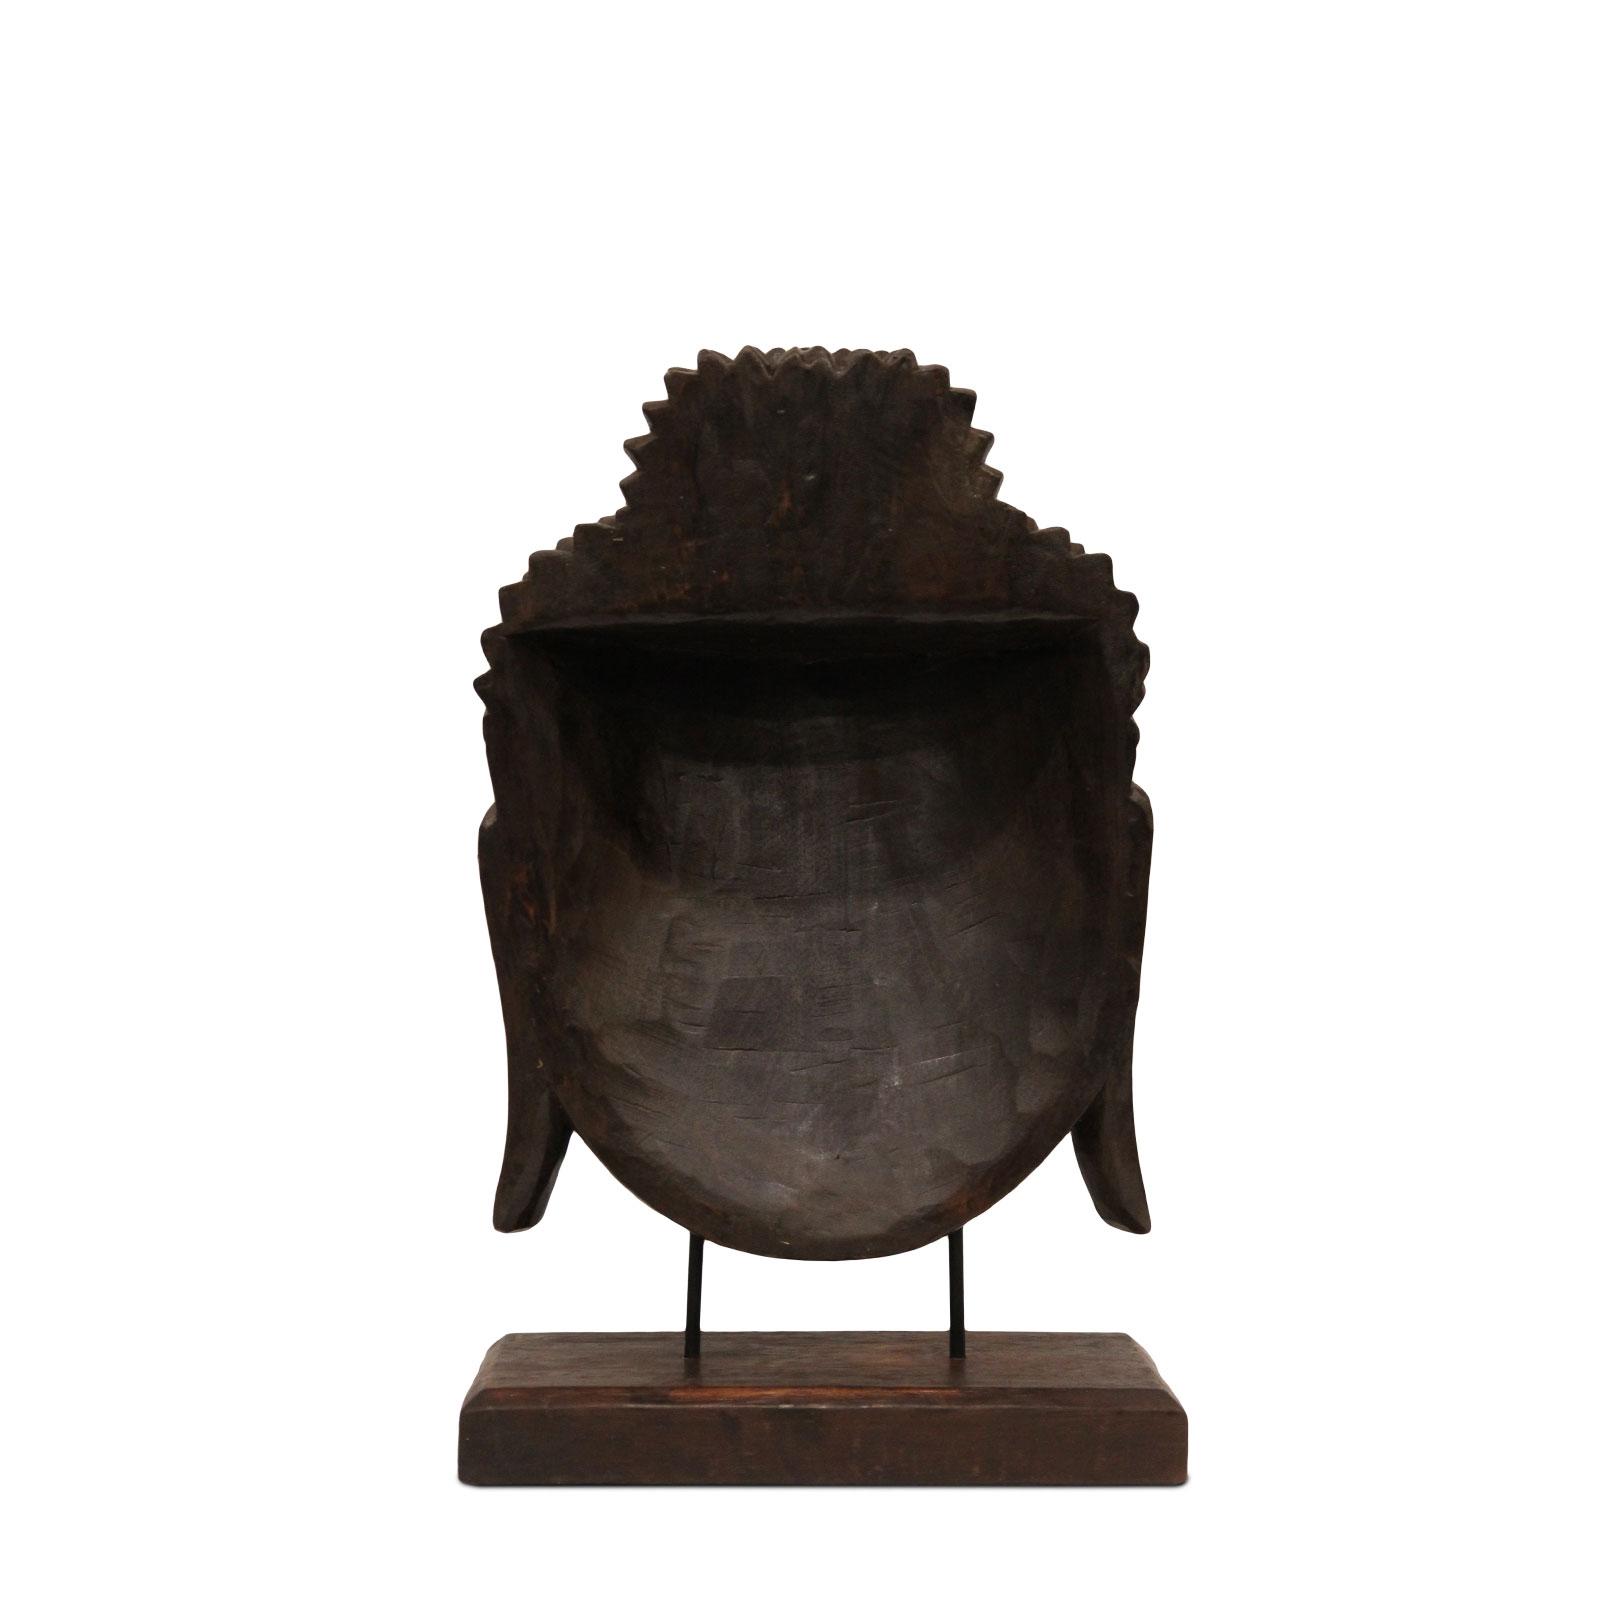 Buddha Relief ca. 50cm – Kopf Skulptur Maske auf Sockel Ständer Deko Statue Figur Albasia Holz braun – Bild 5